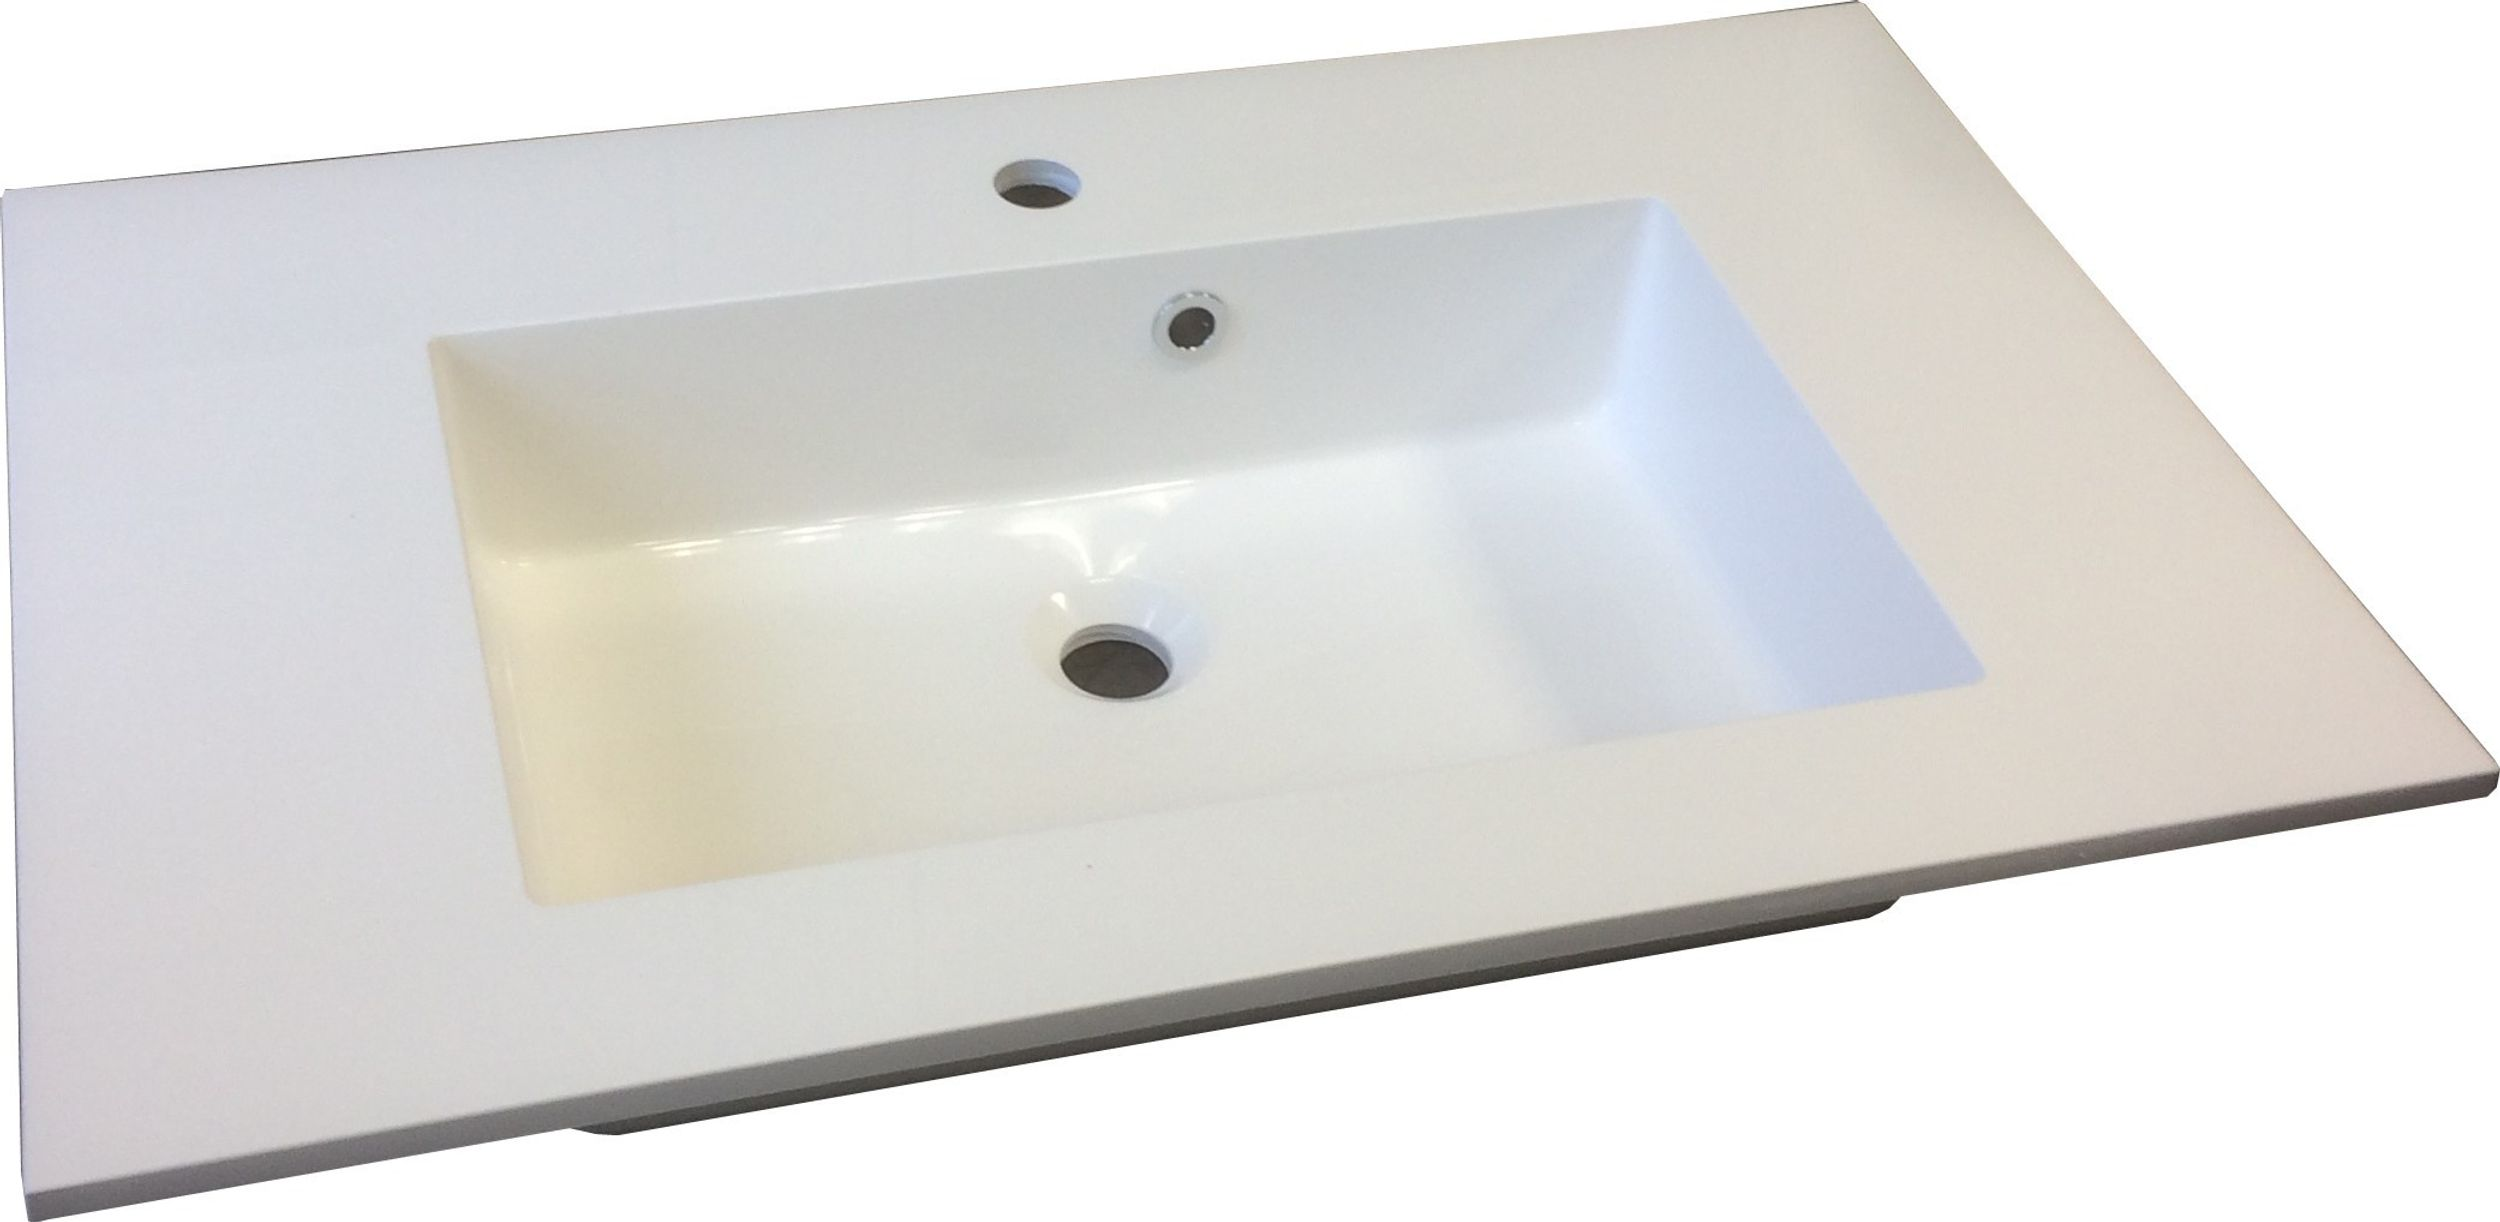 Badmöbel Badezimmer Regina 5tlg Set in Grau matt + Weiss matt 80 cm Waschtisch – Bild 4